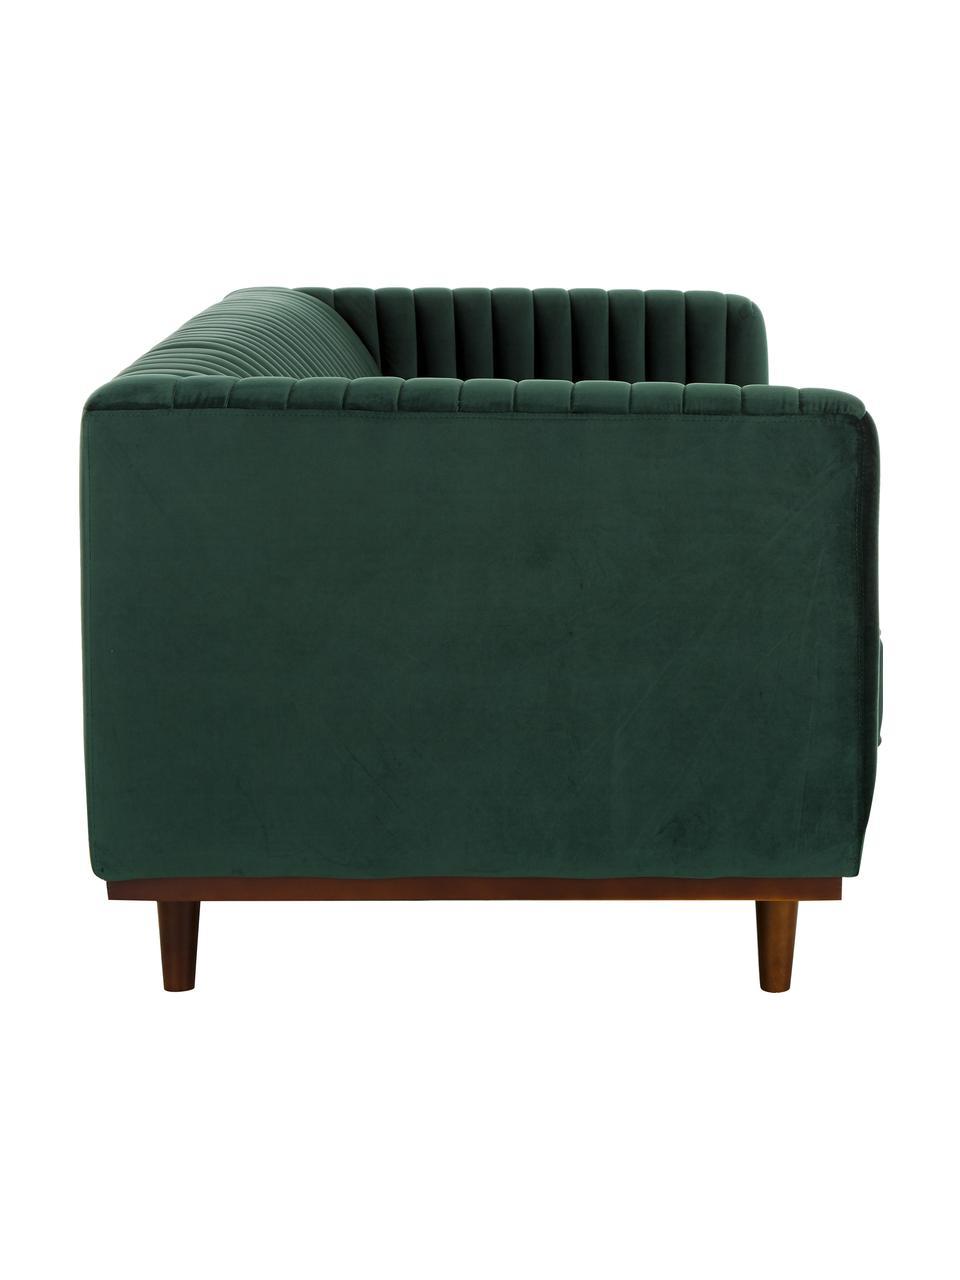 Canapé 2places velours vert Dante, Velours vert